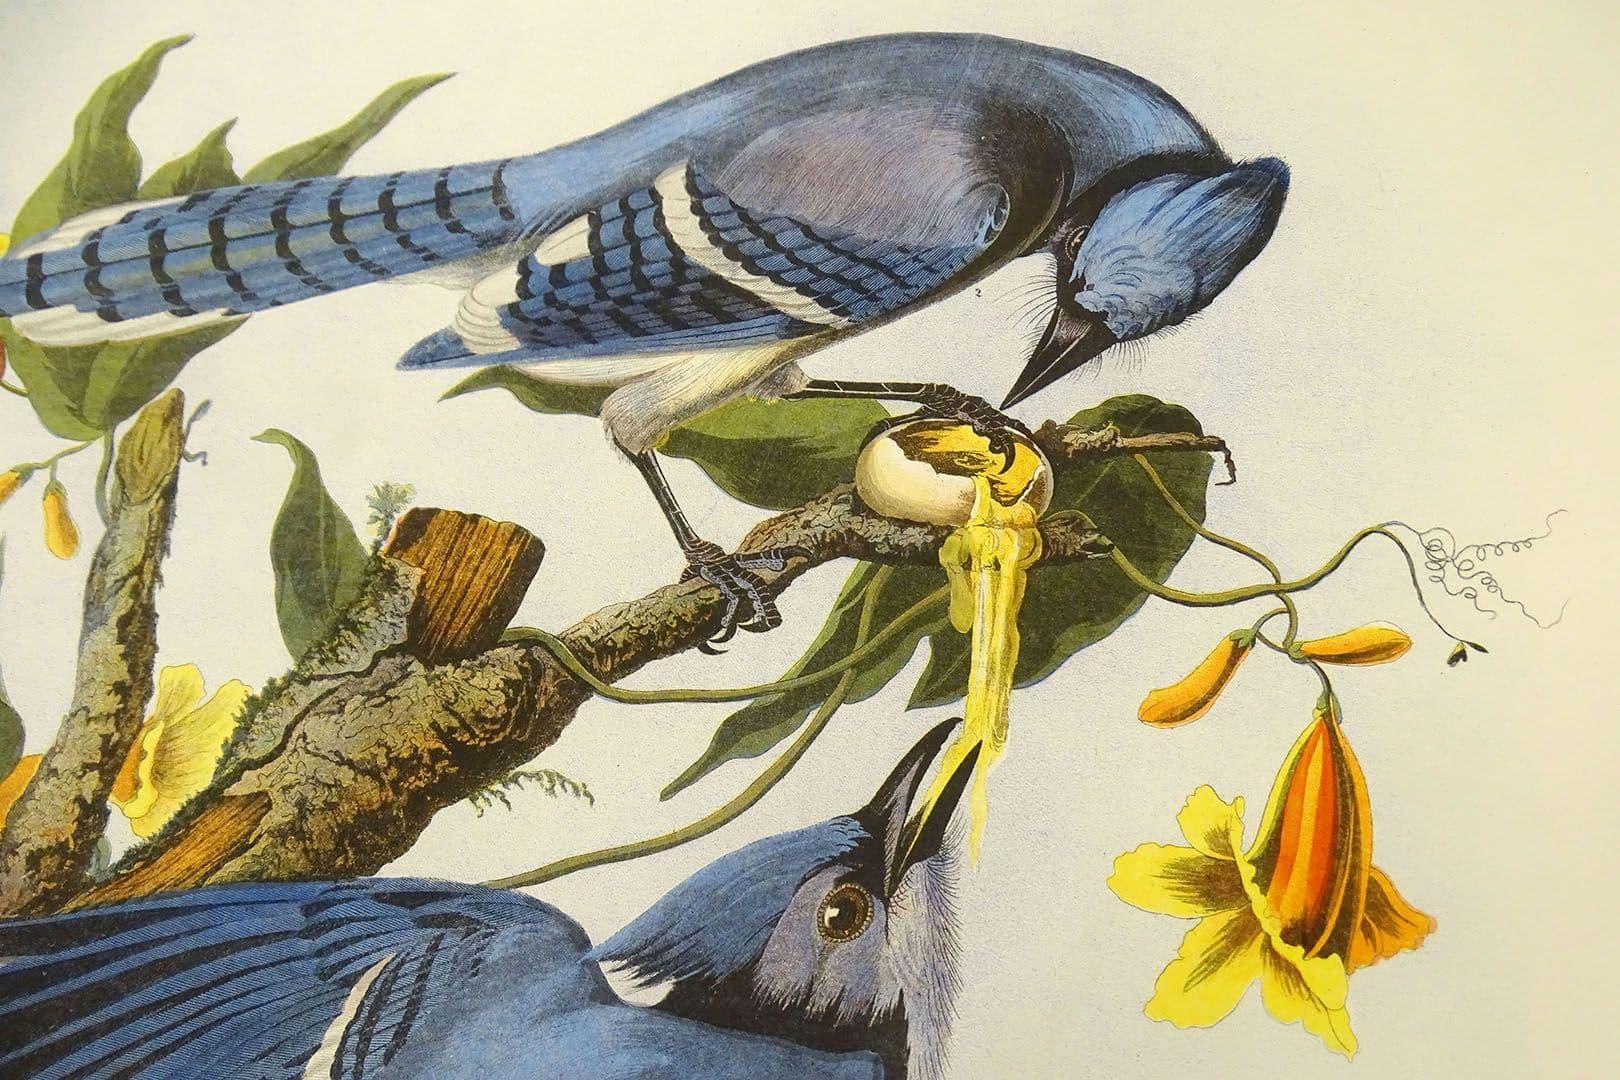 Blue Jays by John James Audubon (Courtesy National Audubon Society)